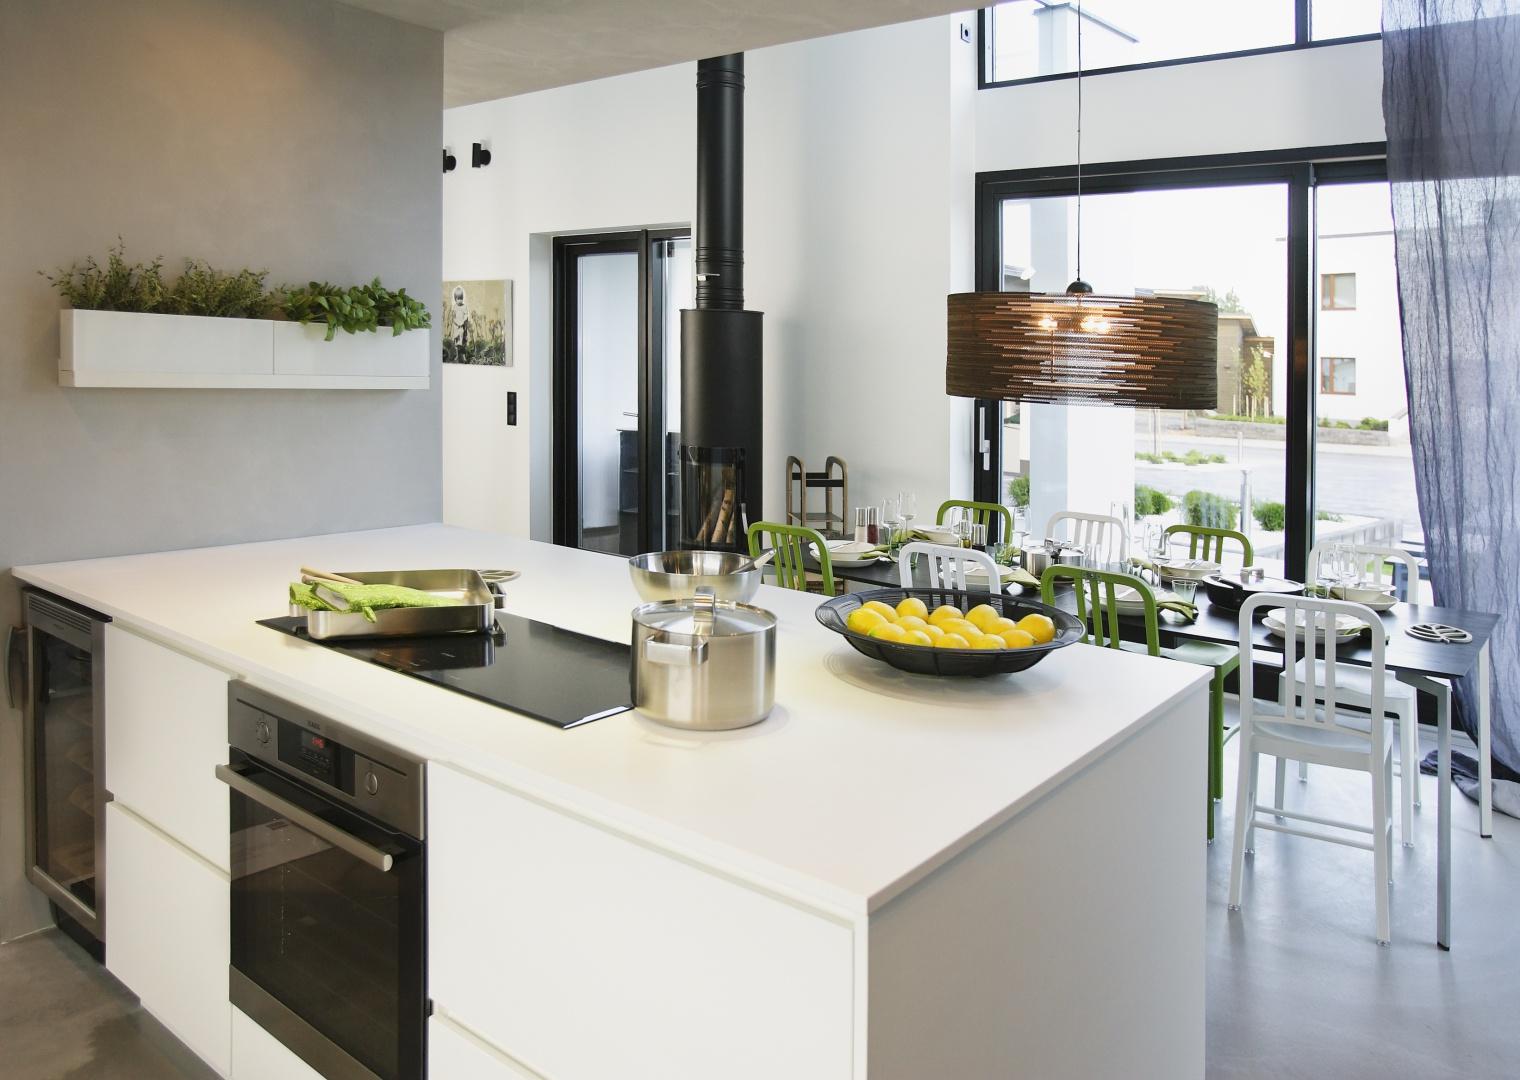 Dzięki panoramicznym oknom, możemy kształtować wrażenie przenikania się przestrzeni za oknem z pomieszczeniami w domu. Fot. Sokółka Okna i Drzwi.